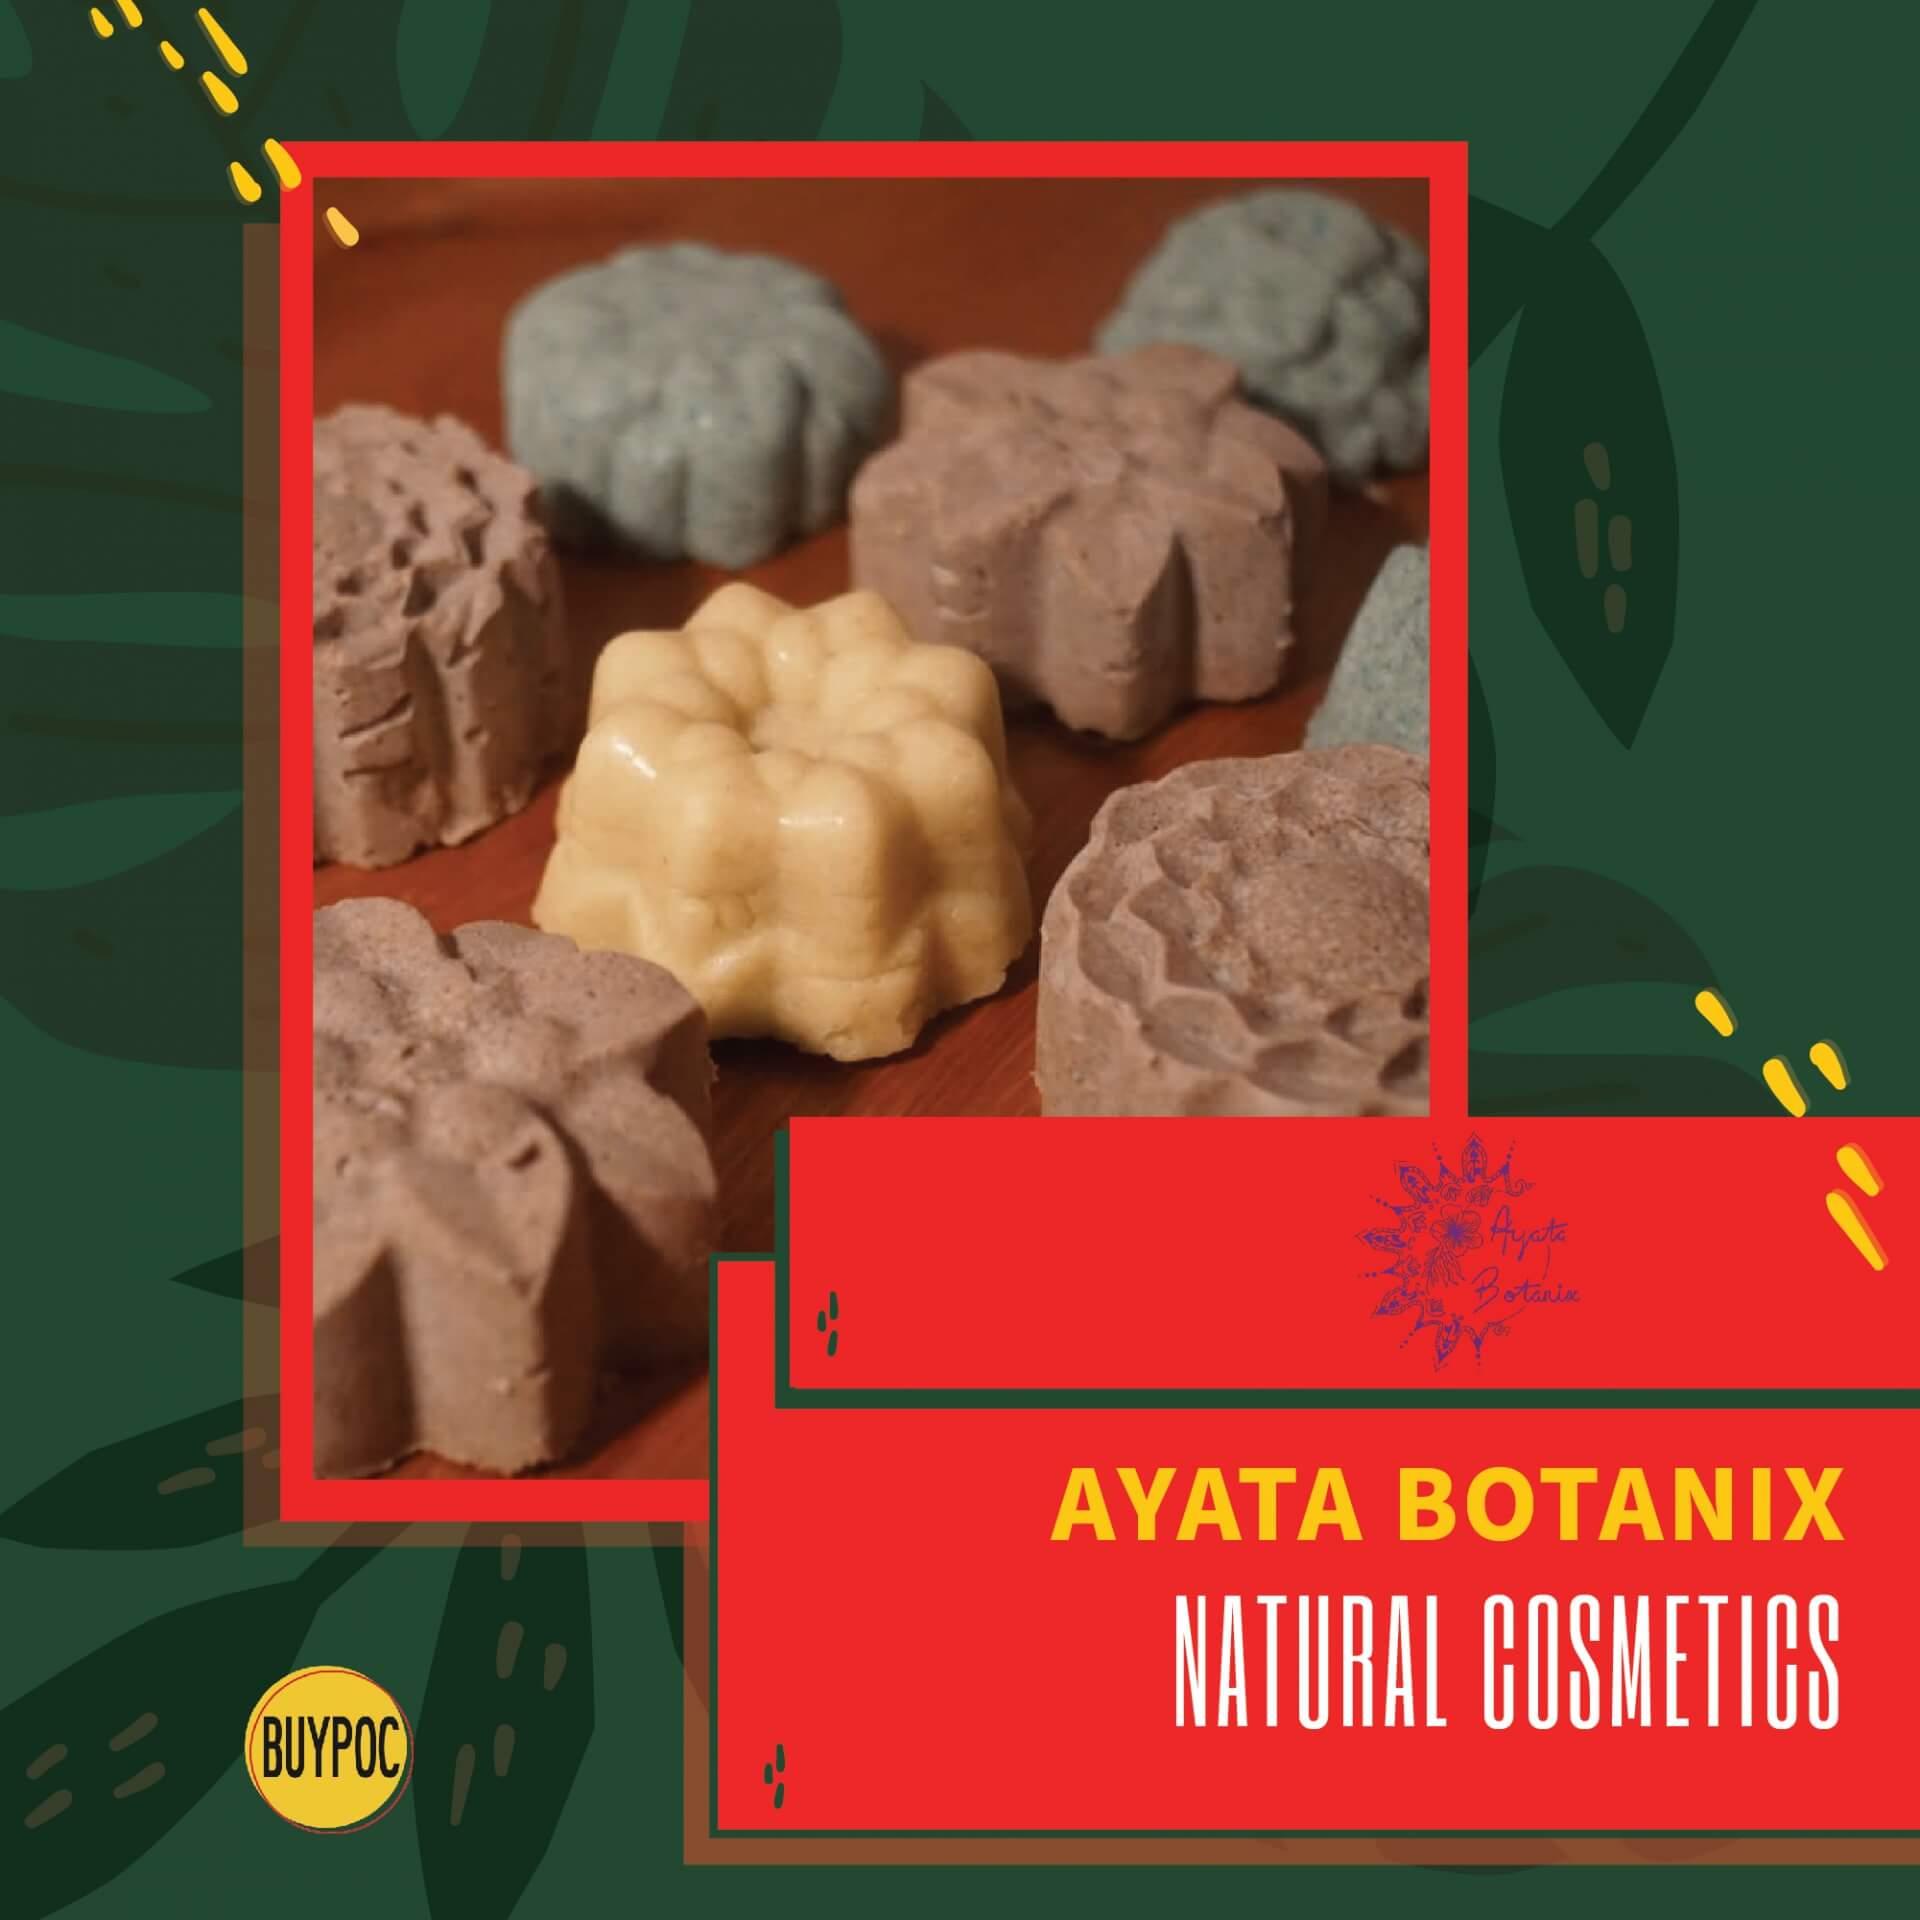 Ayata Botanix